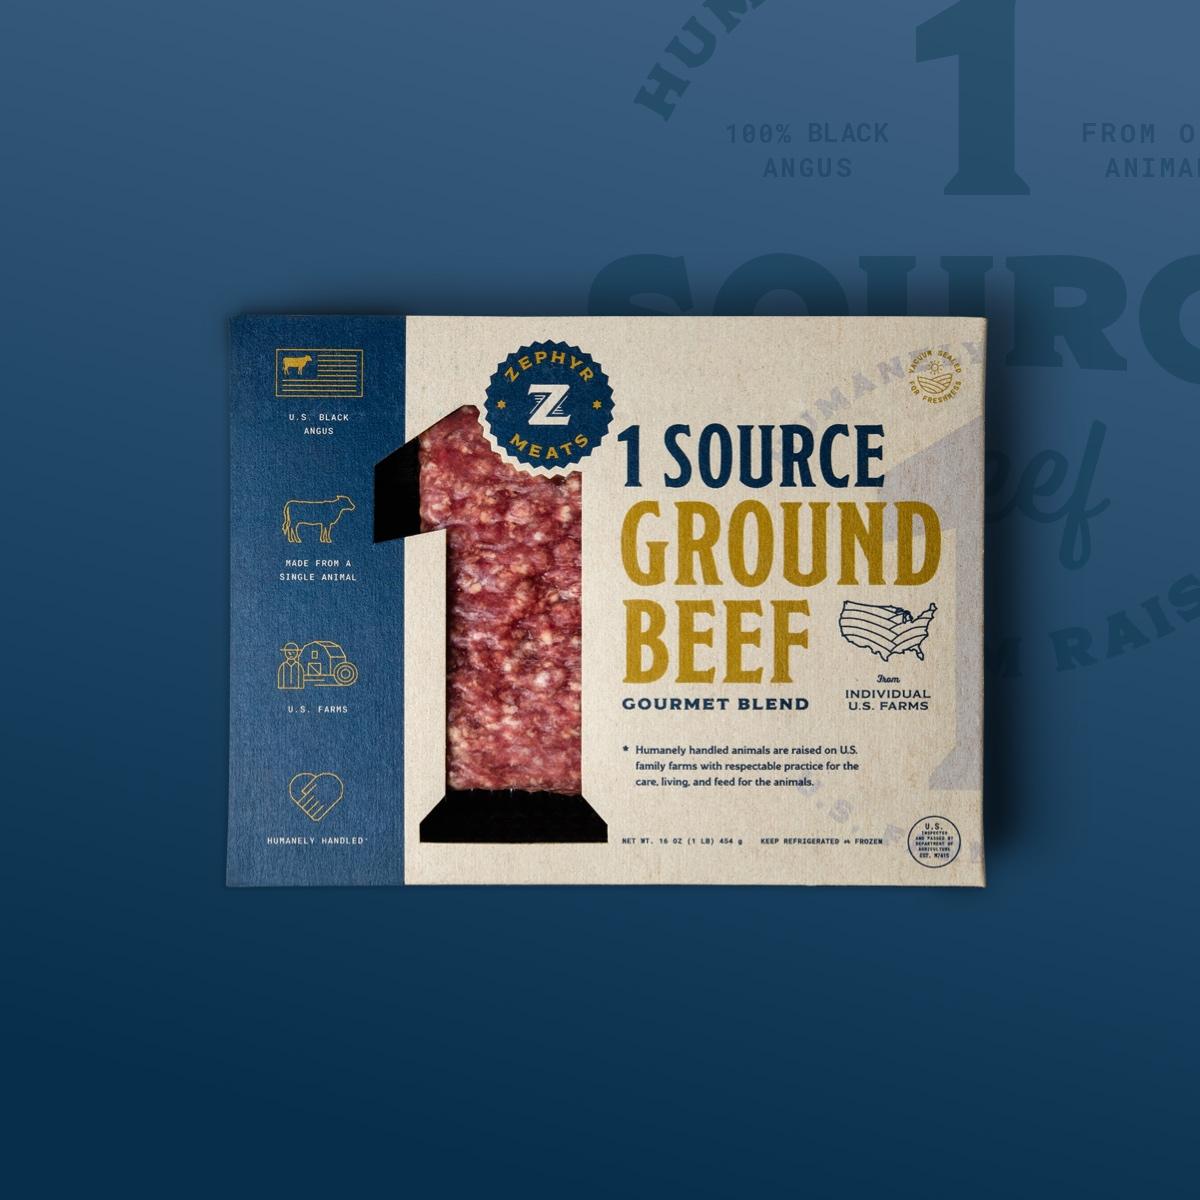 zephyr foods 1 source ground beef